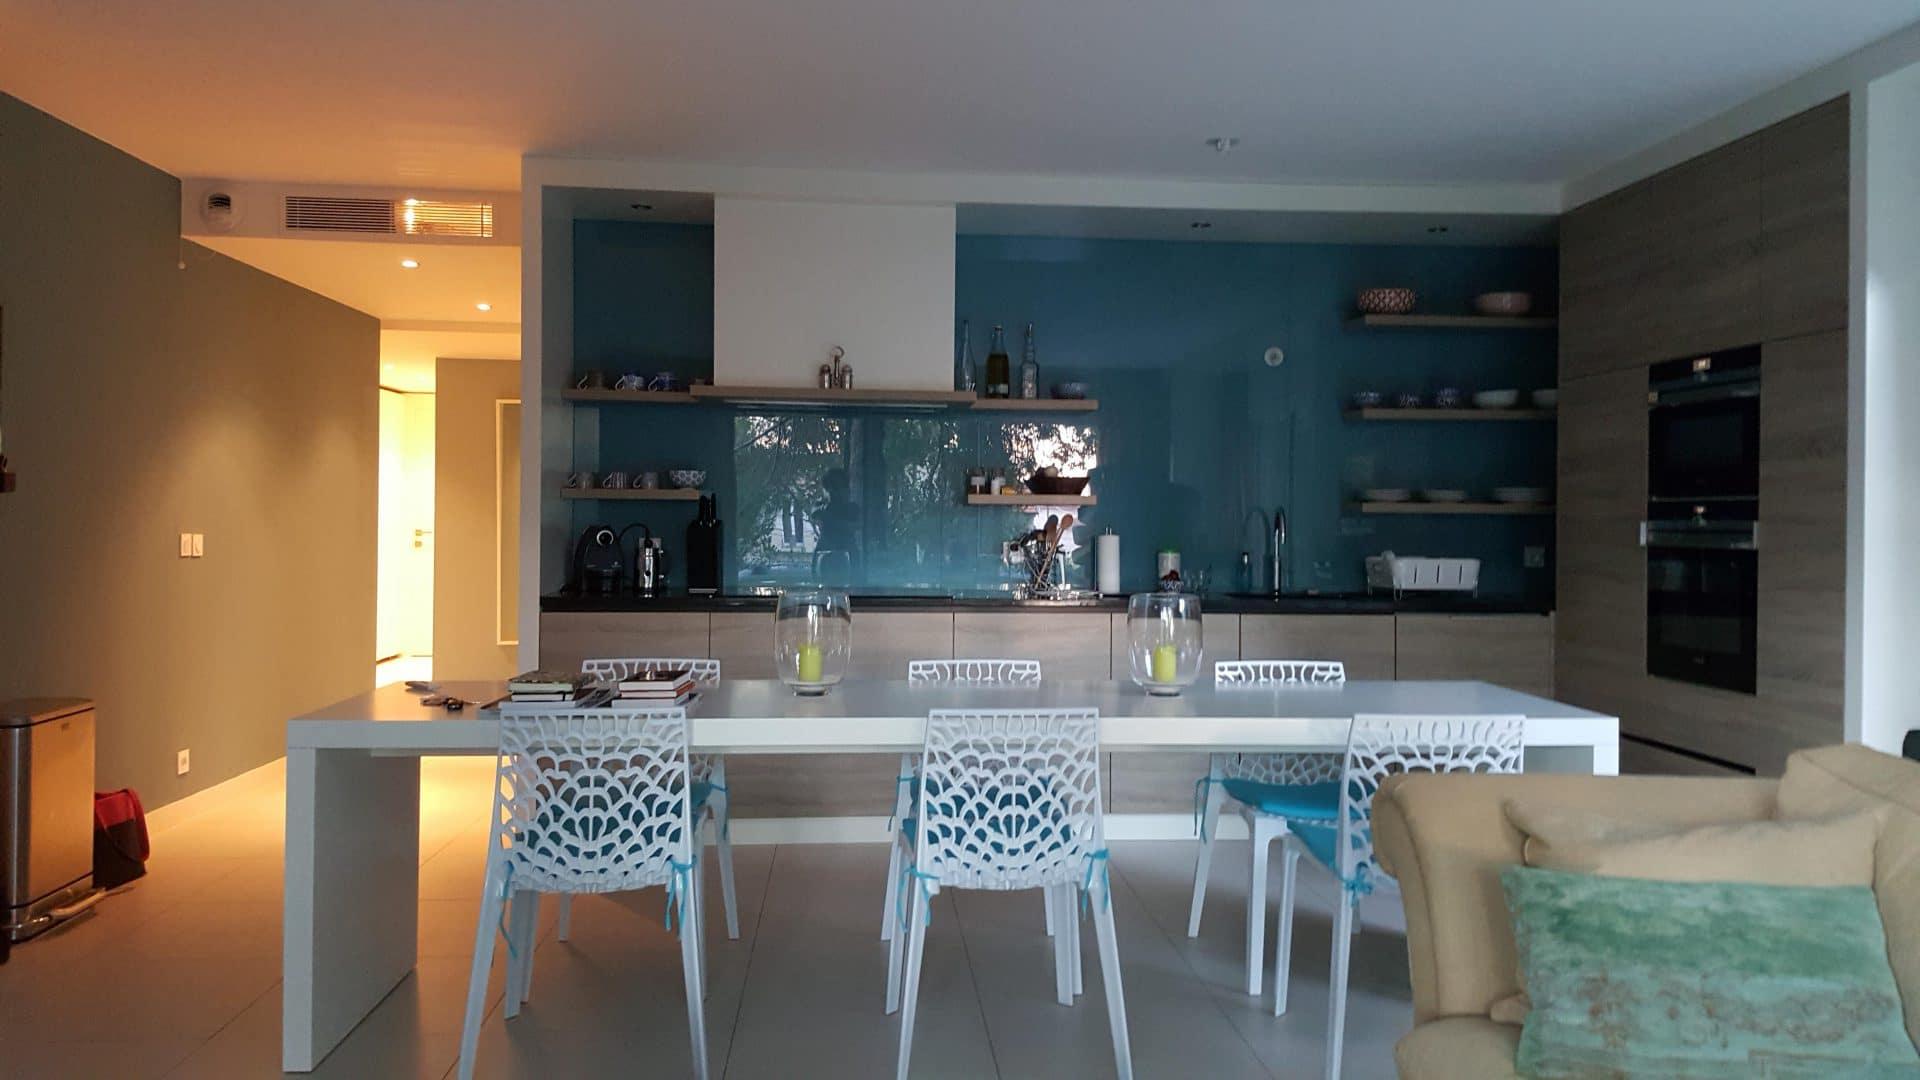 De keukens van de interieurarchitect van studio inside out uit hilversum - Outs studio keuken ...